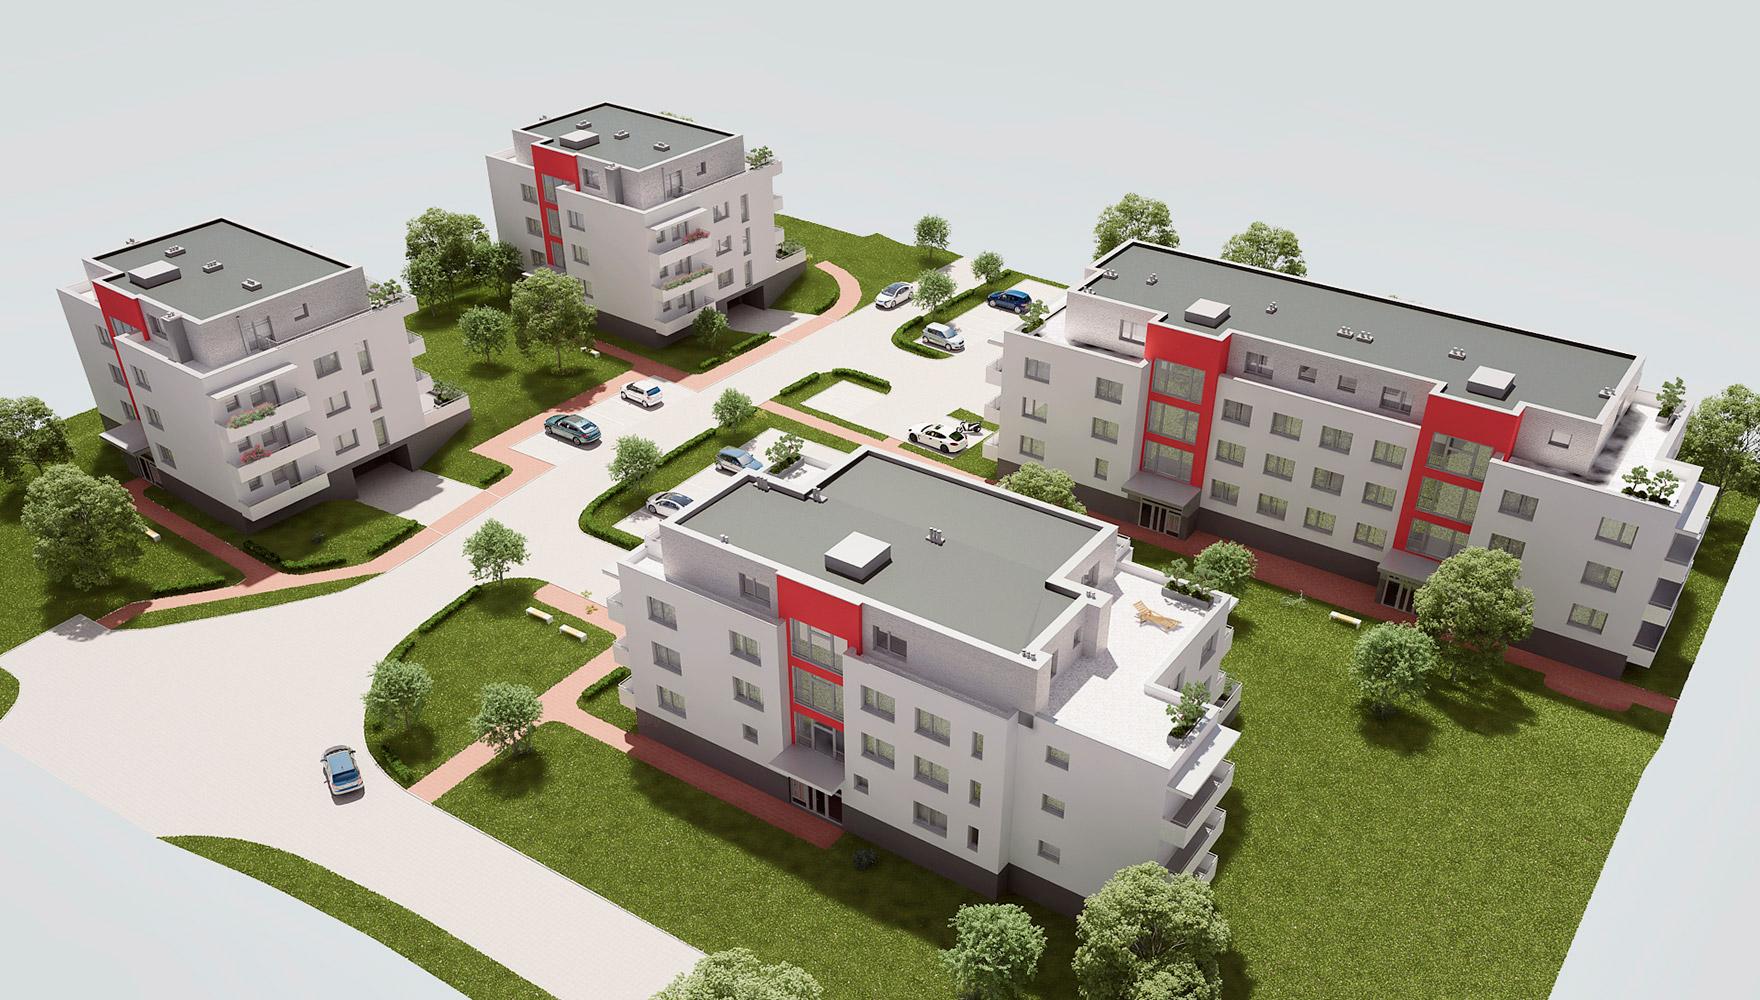 50e441851 Podívejte se na jednotlivá patra a byty výběrem z plánku